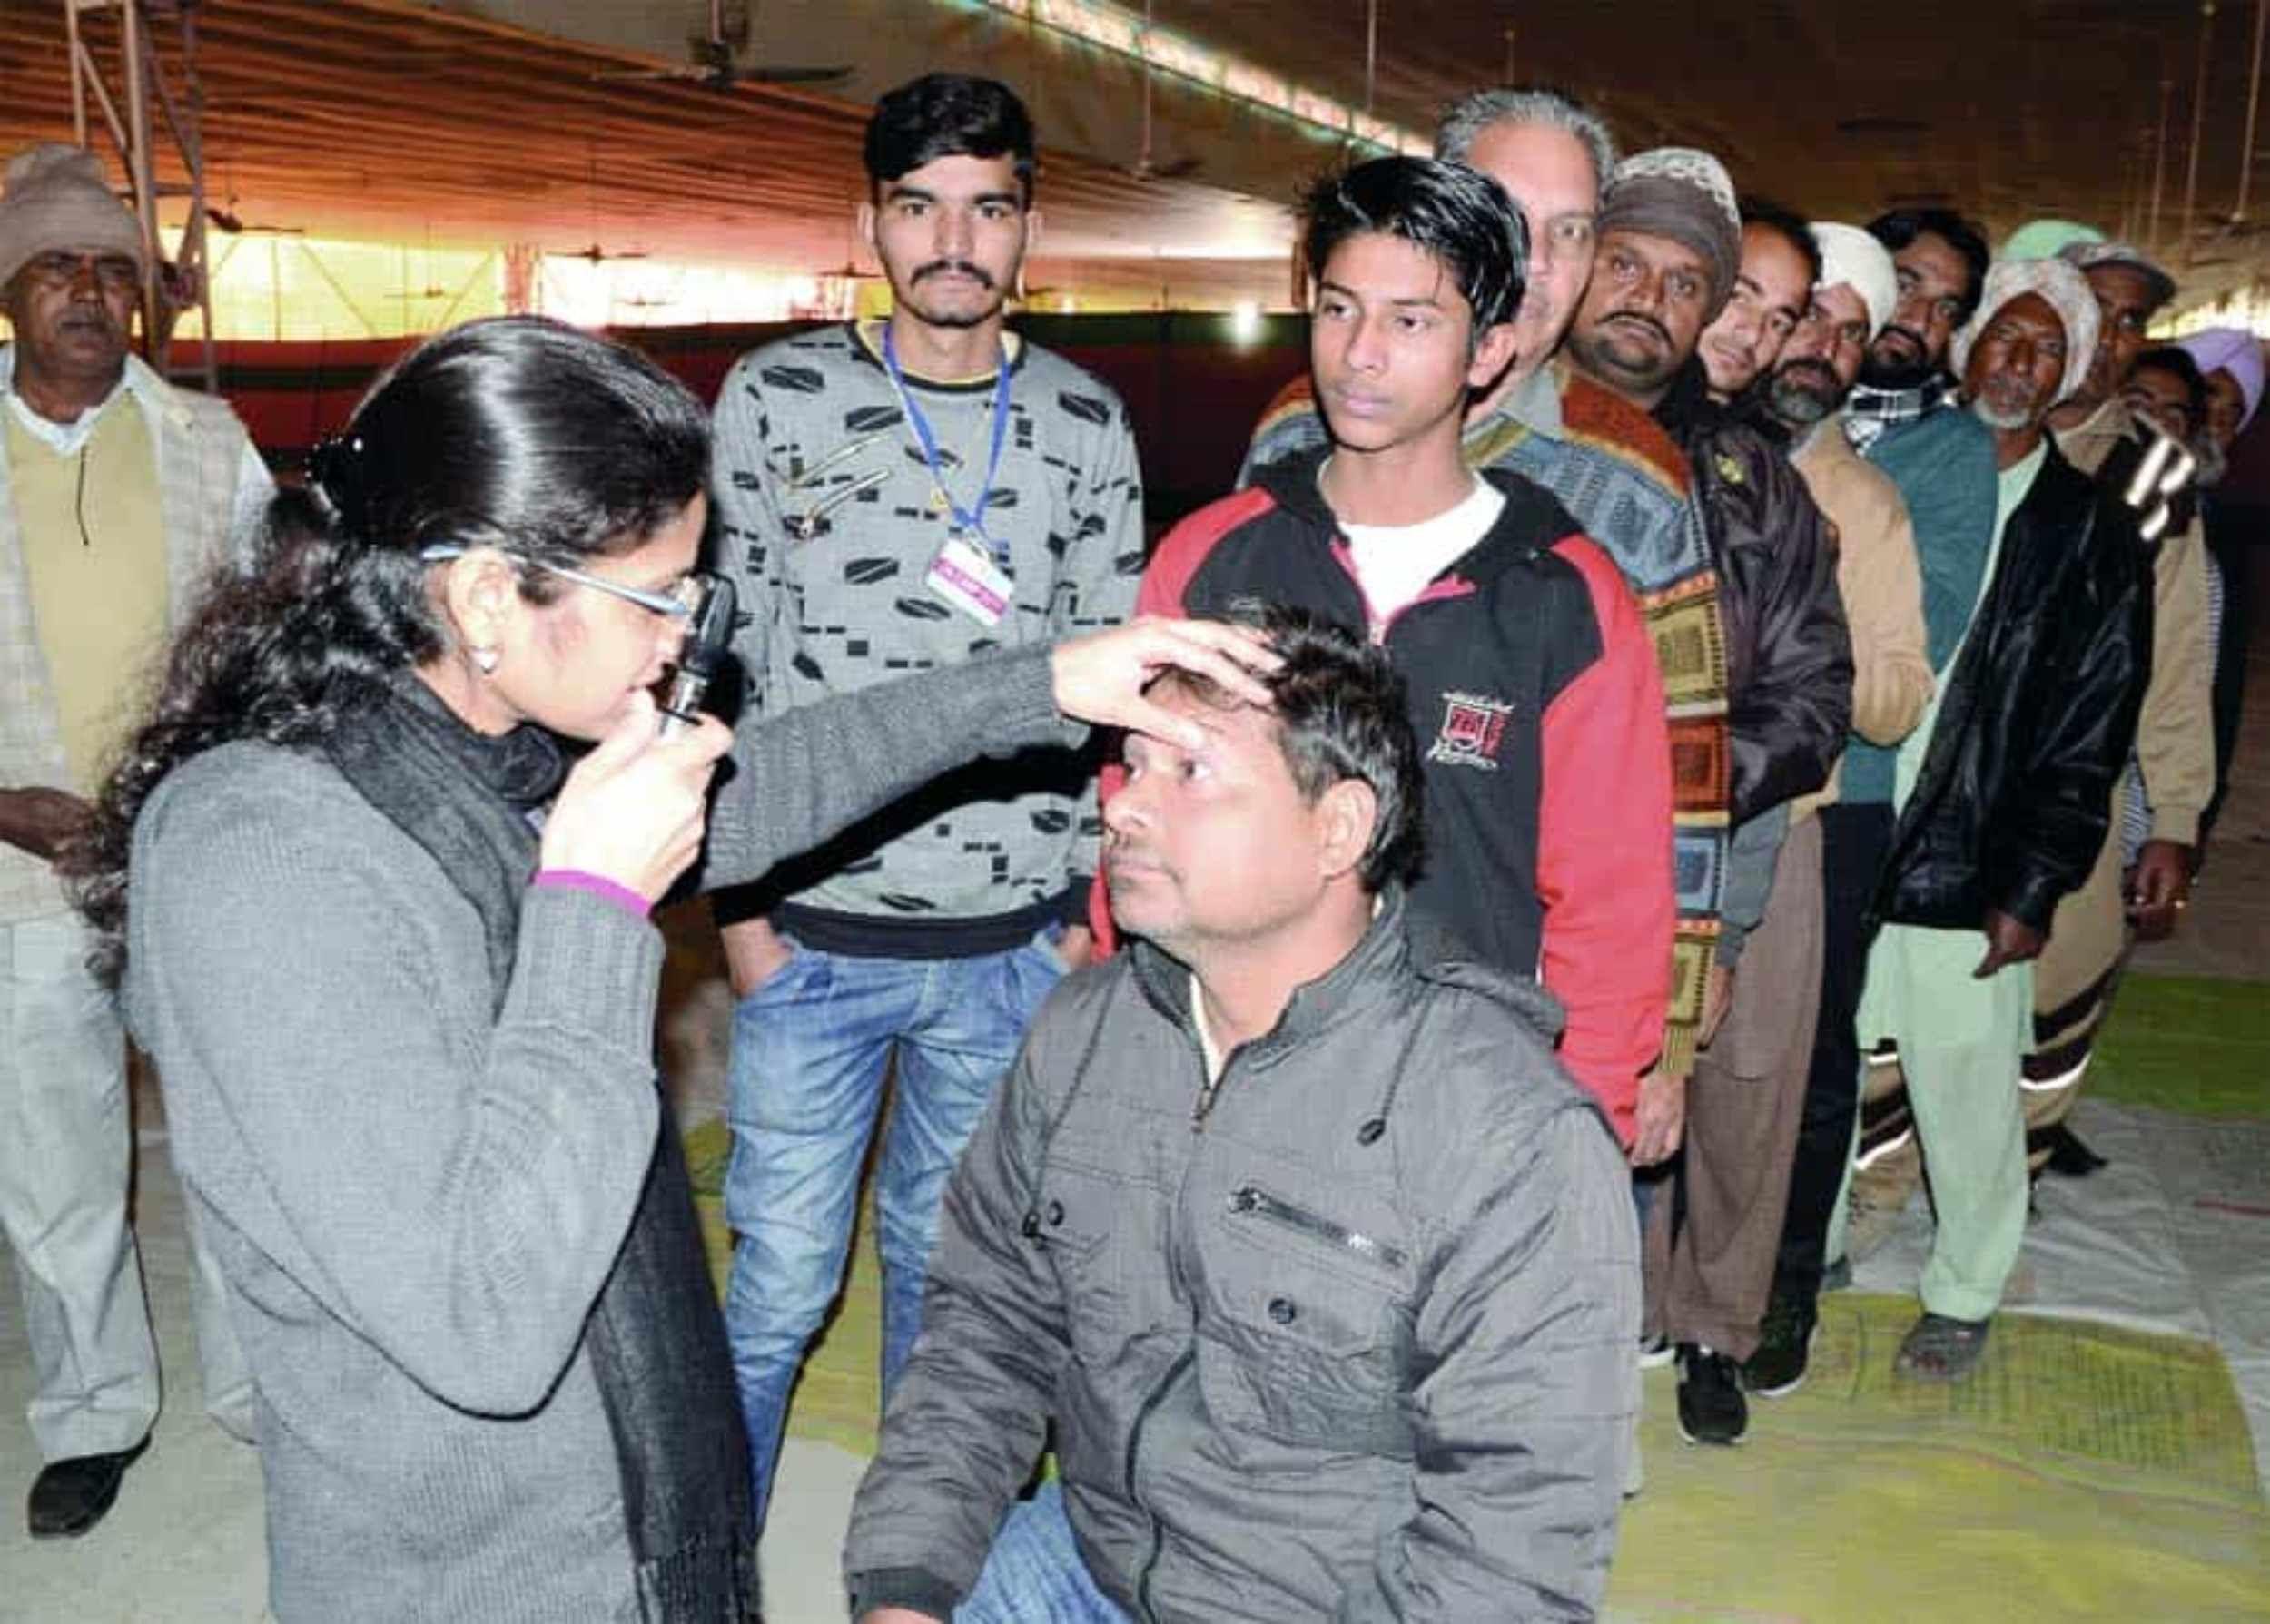 Gurdit Singh, 50 years, Jaswant Singh, 55, Punjab, came to